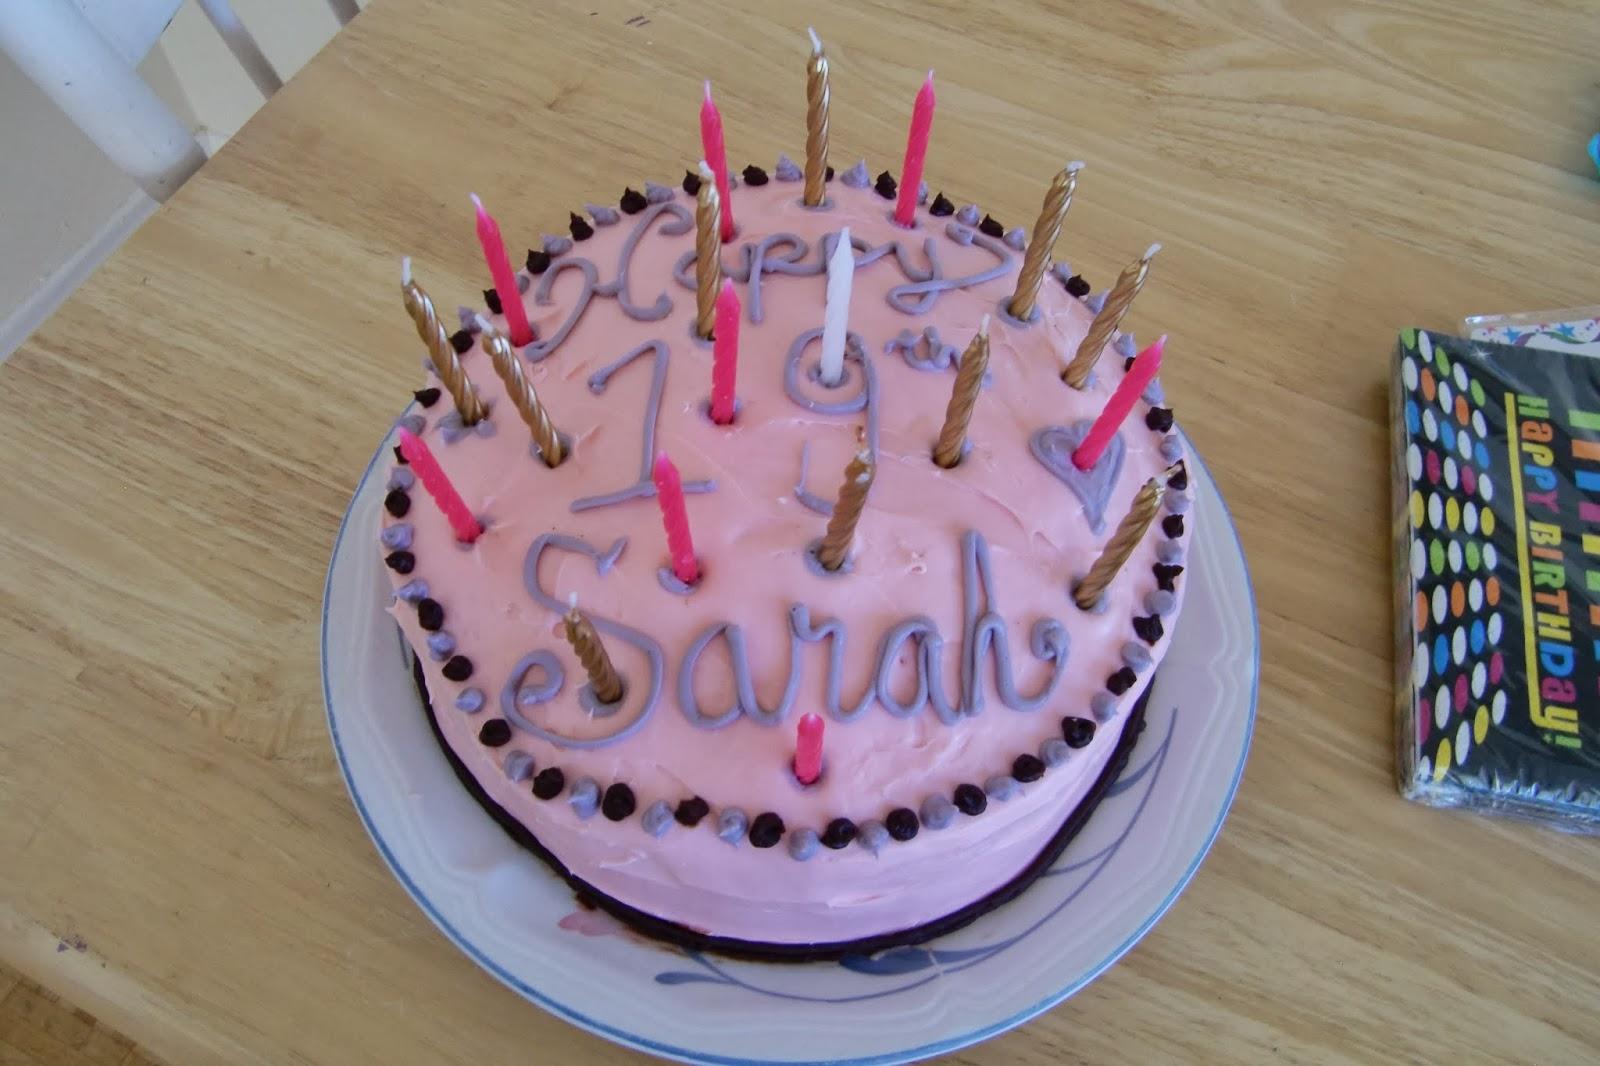 Tipsy Tuesday: 19th Birthday Shenanigans!